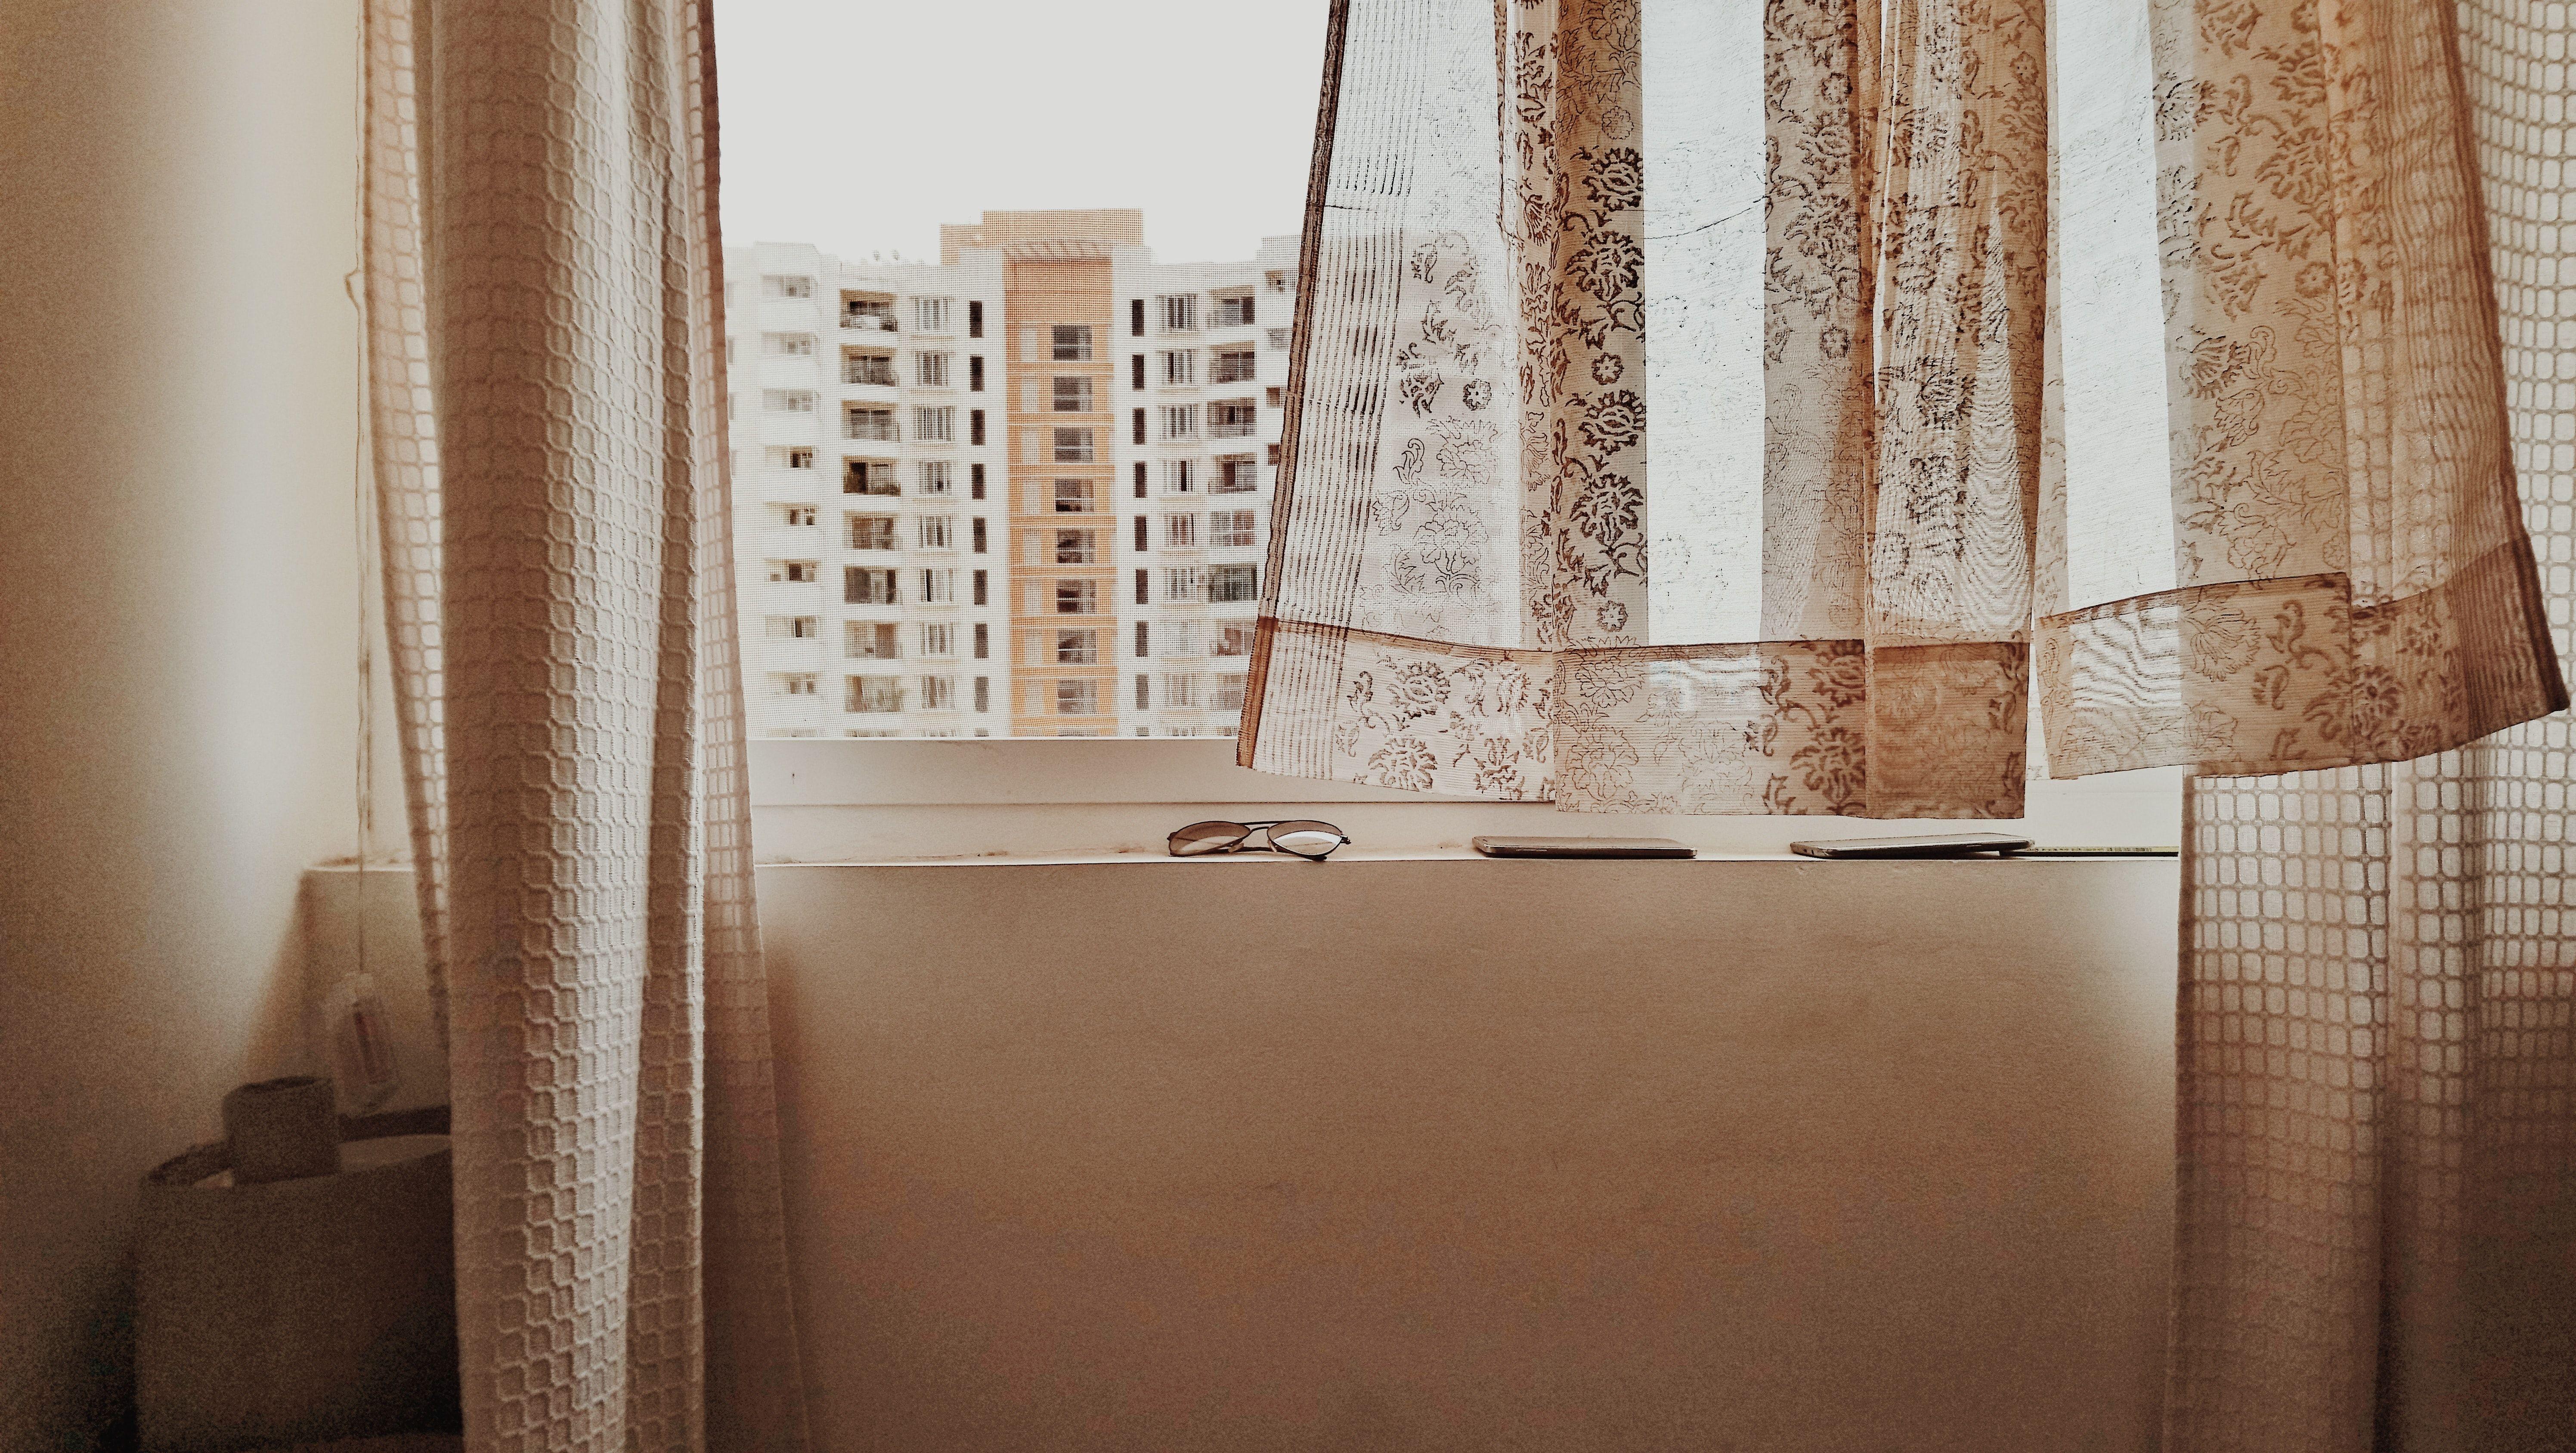 Desktop Beige Aesthetic Wallpapers Wallpaper Cave